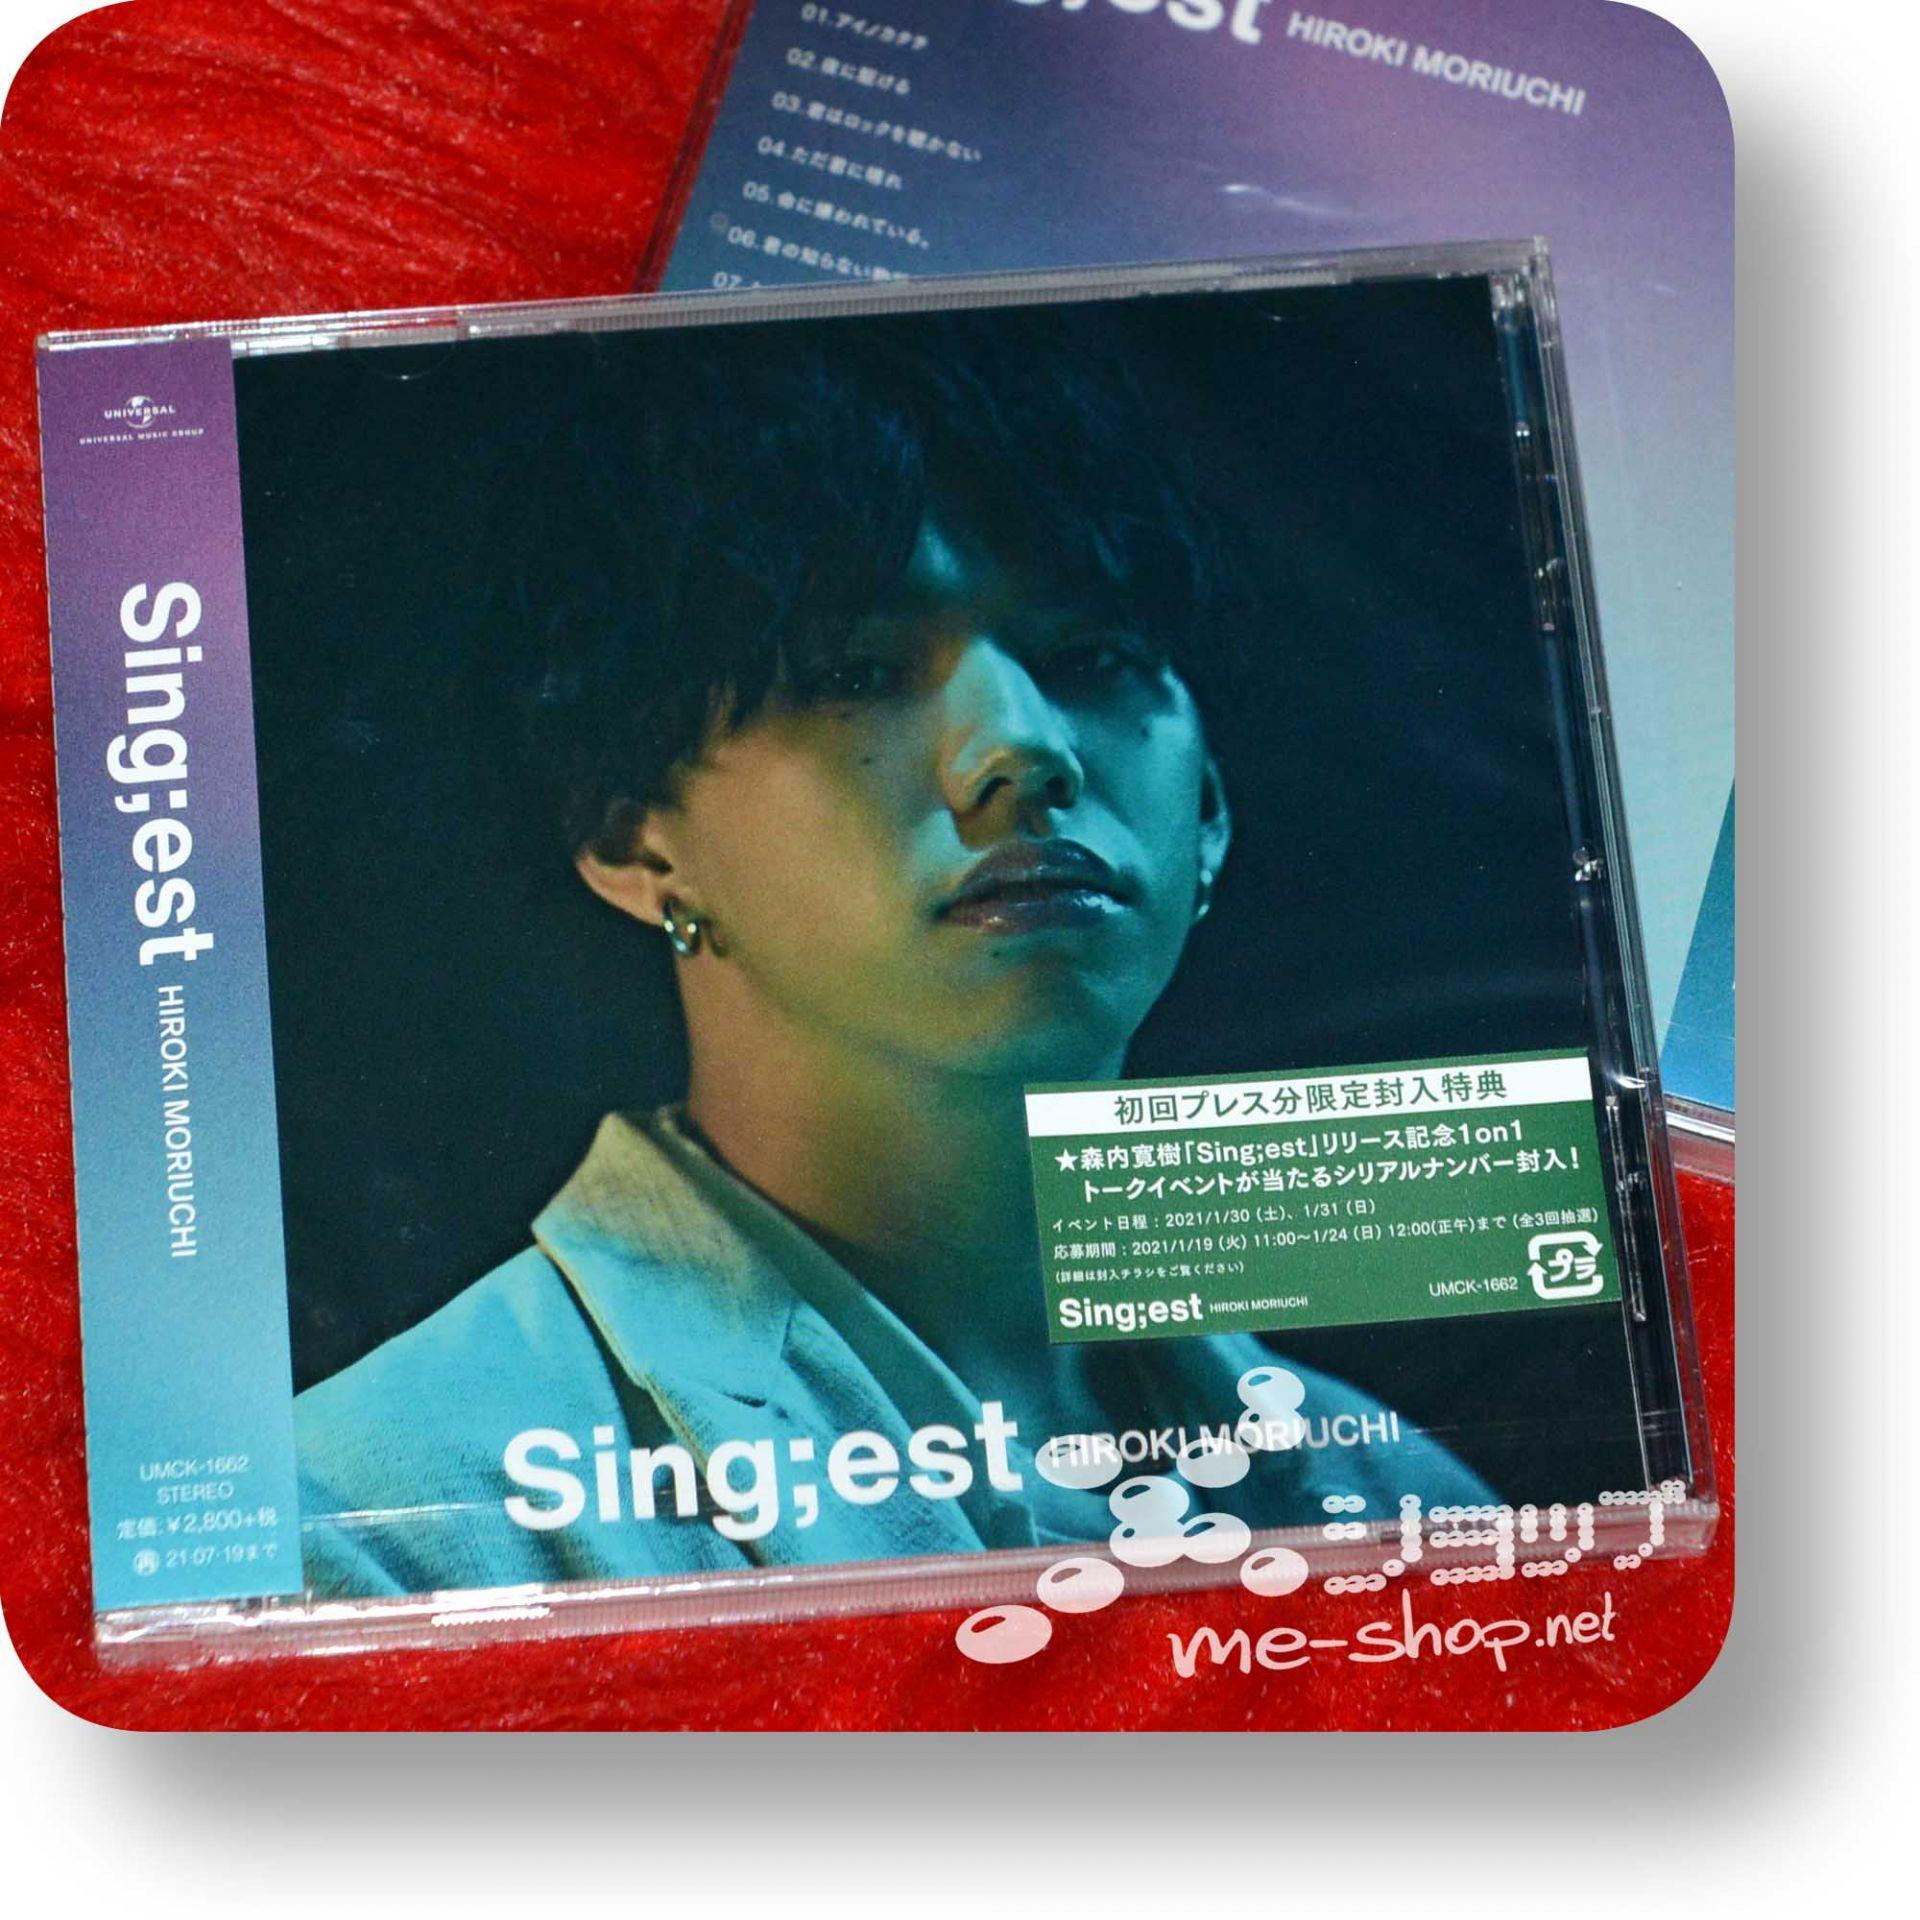 hiroki moriuchi singest 1st